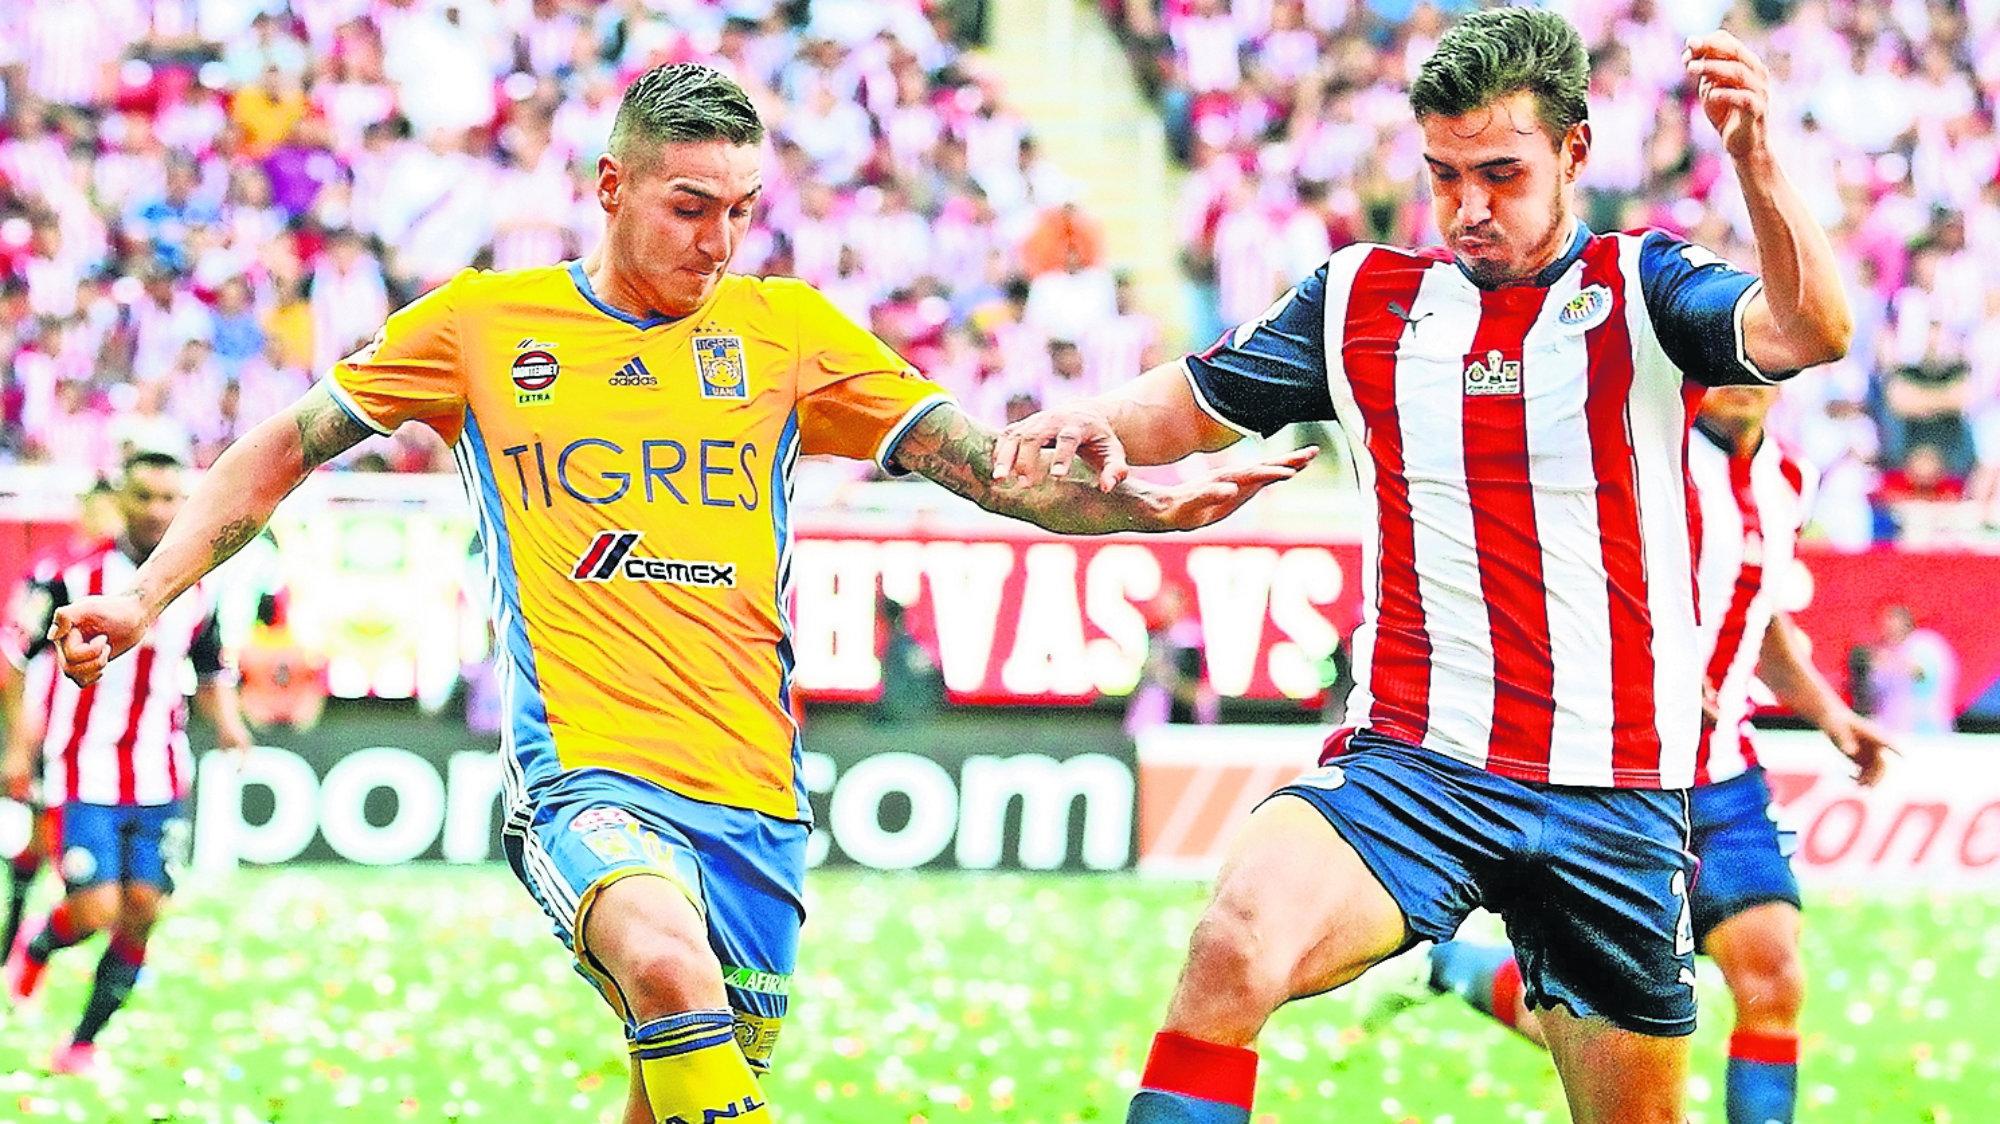 Regreso de Oswaldo Alanís Buscan repatriar Chivas Guadalajara